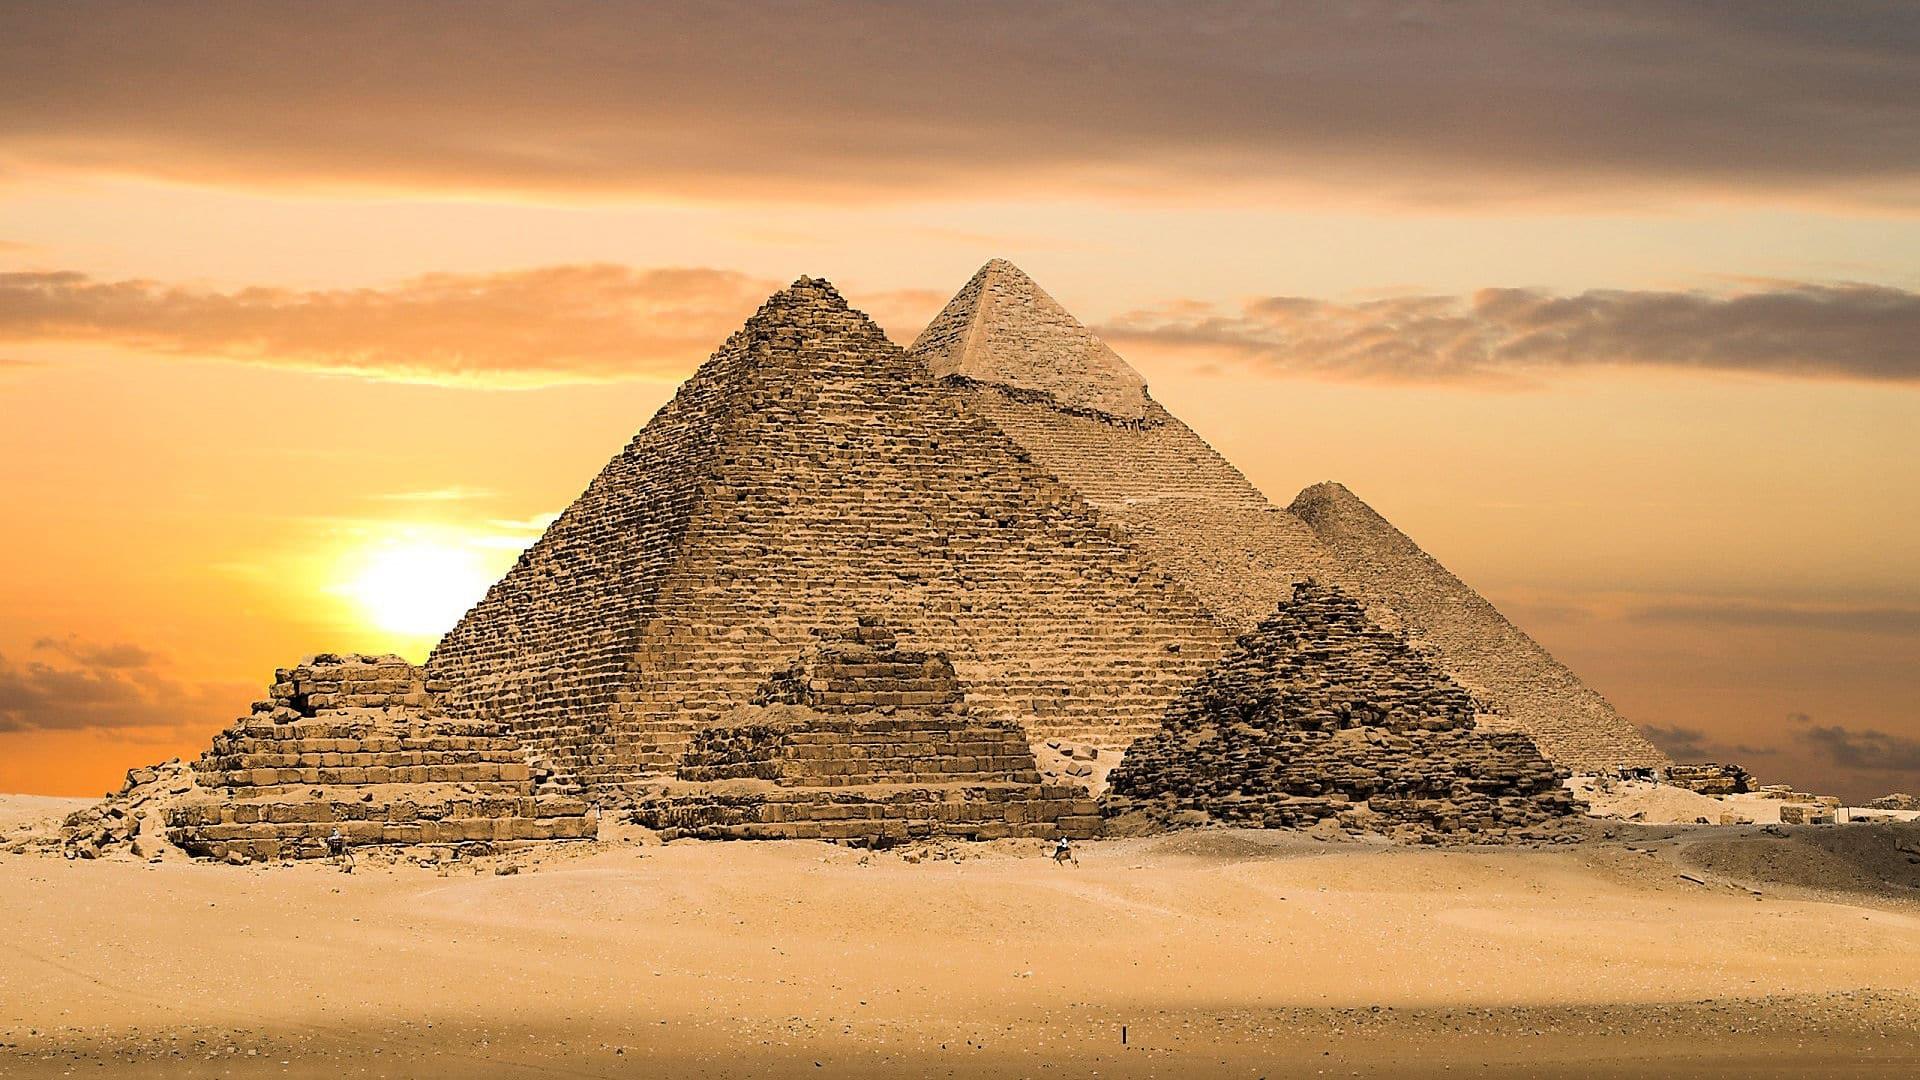 rêve de pyramide